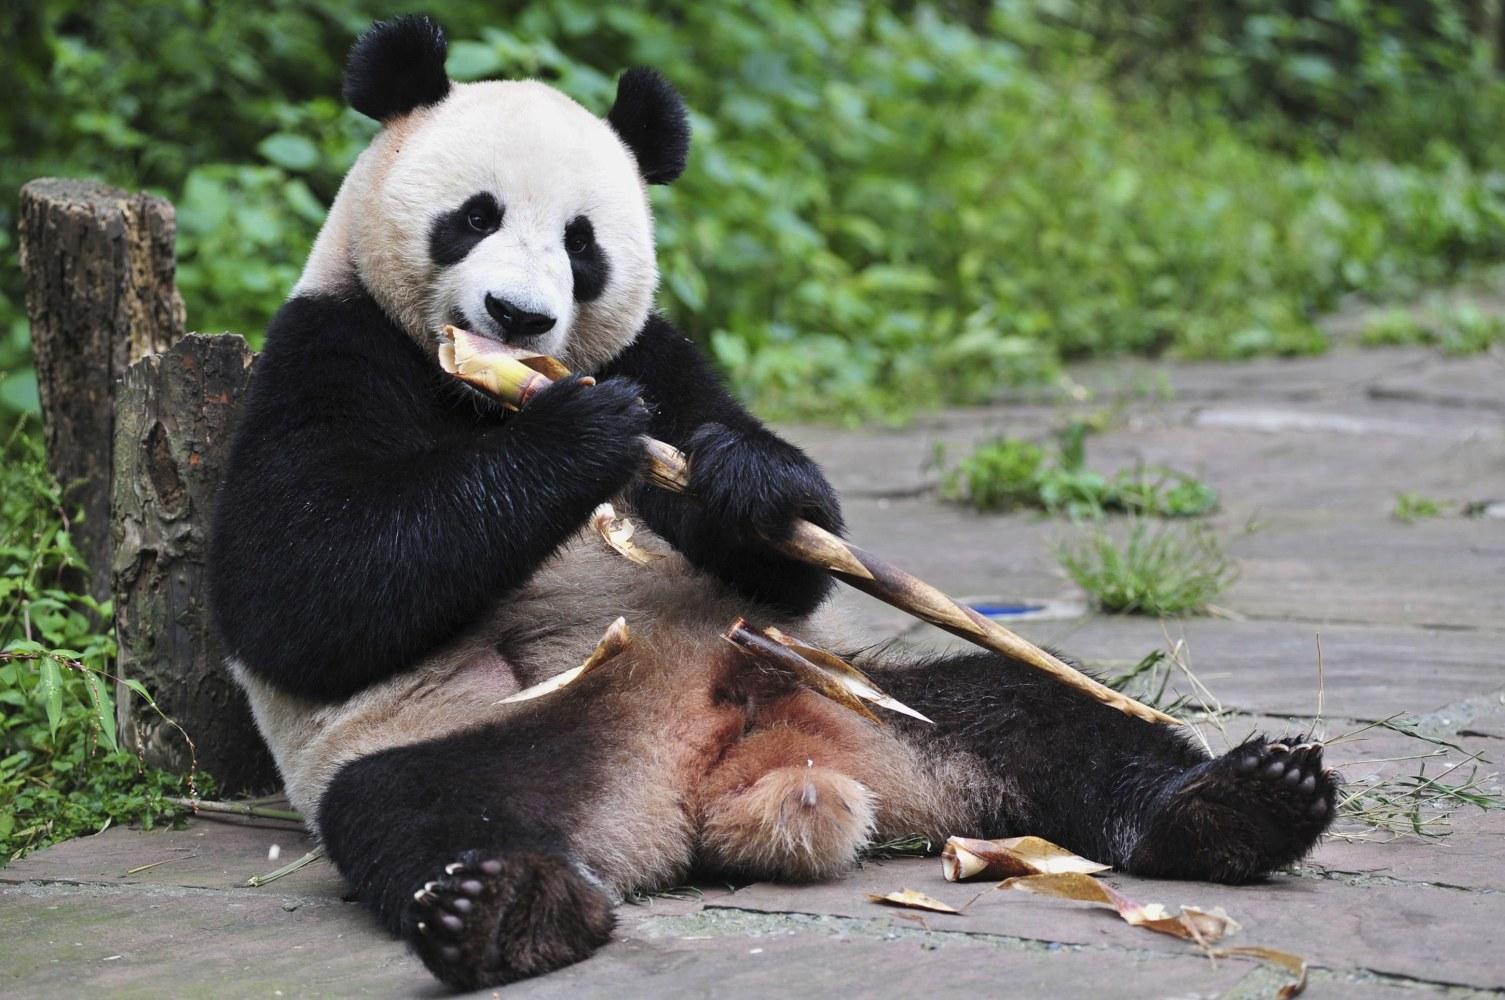 Bear Necessities: Scientists Explain How Pandas Survive ...